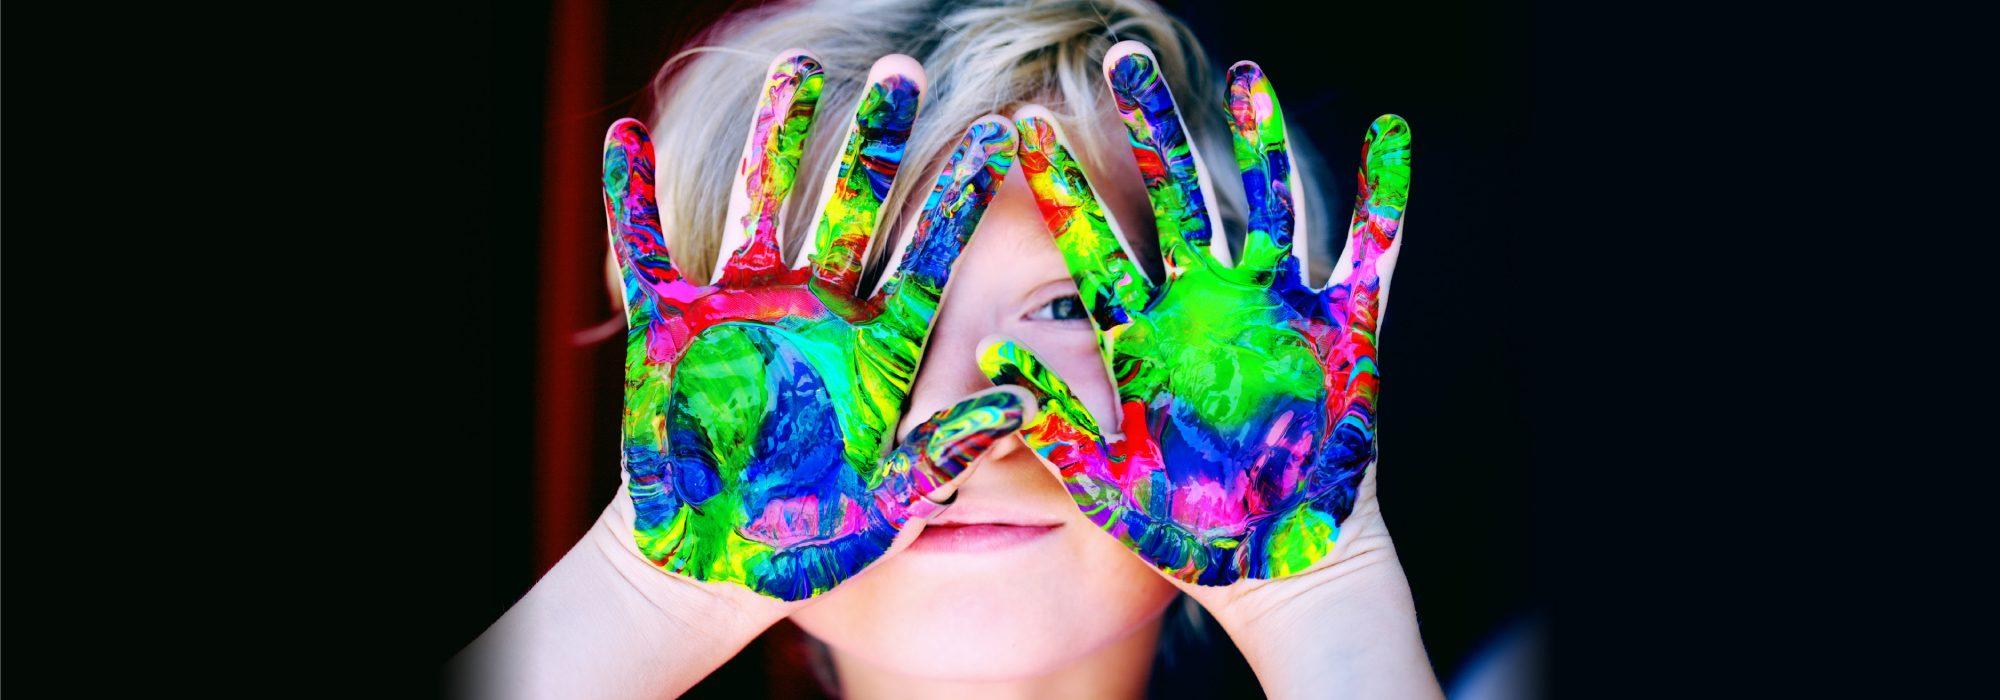 nursery watford Painted Hands